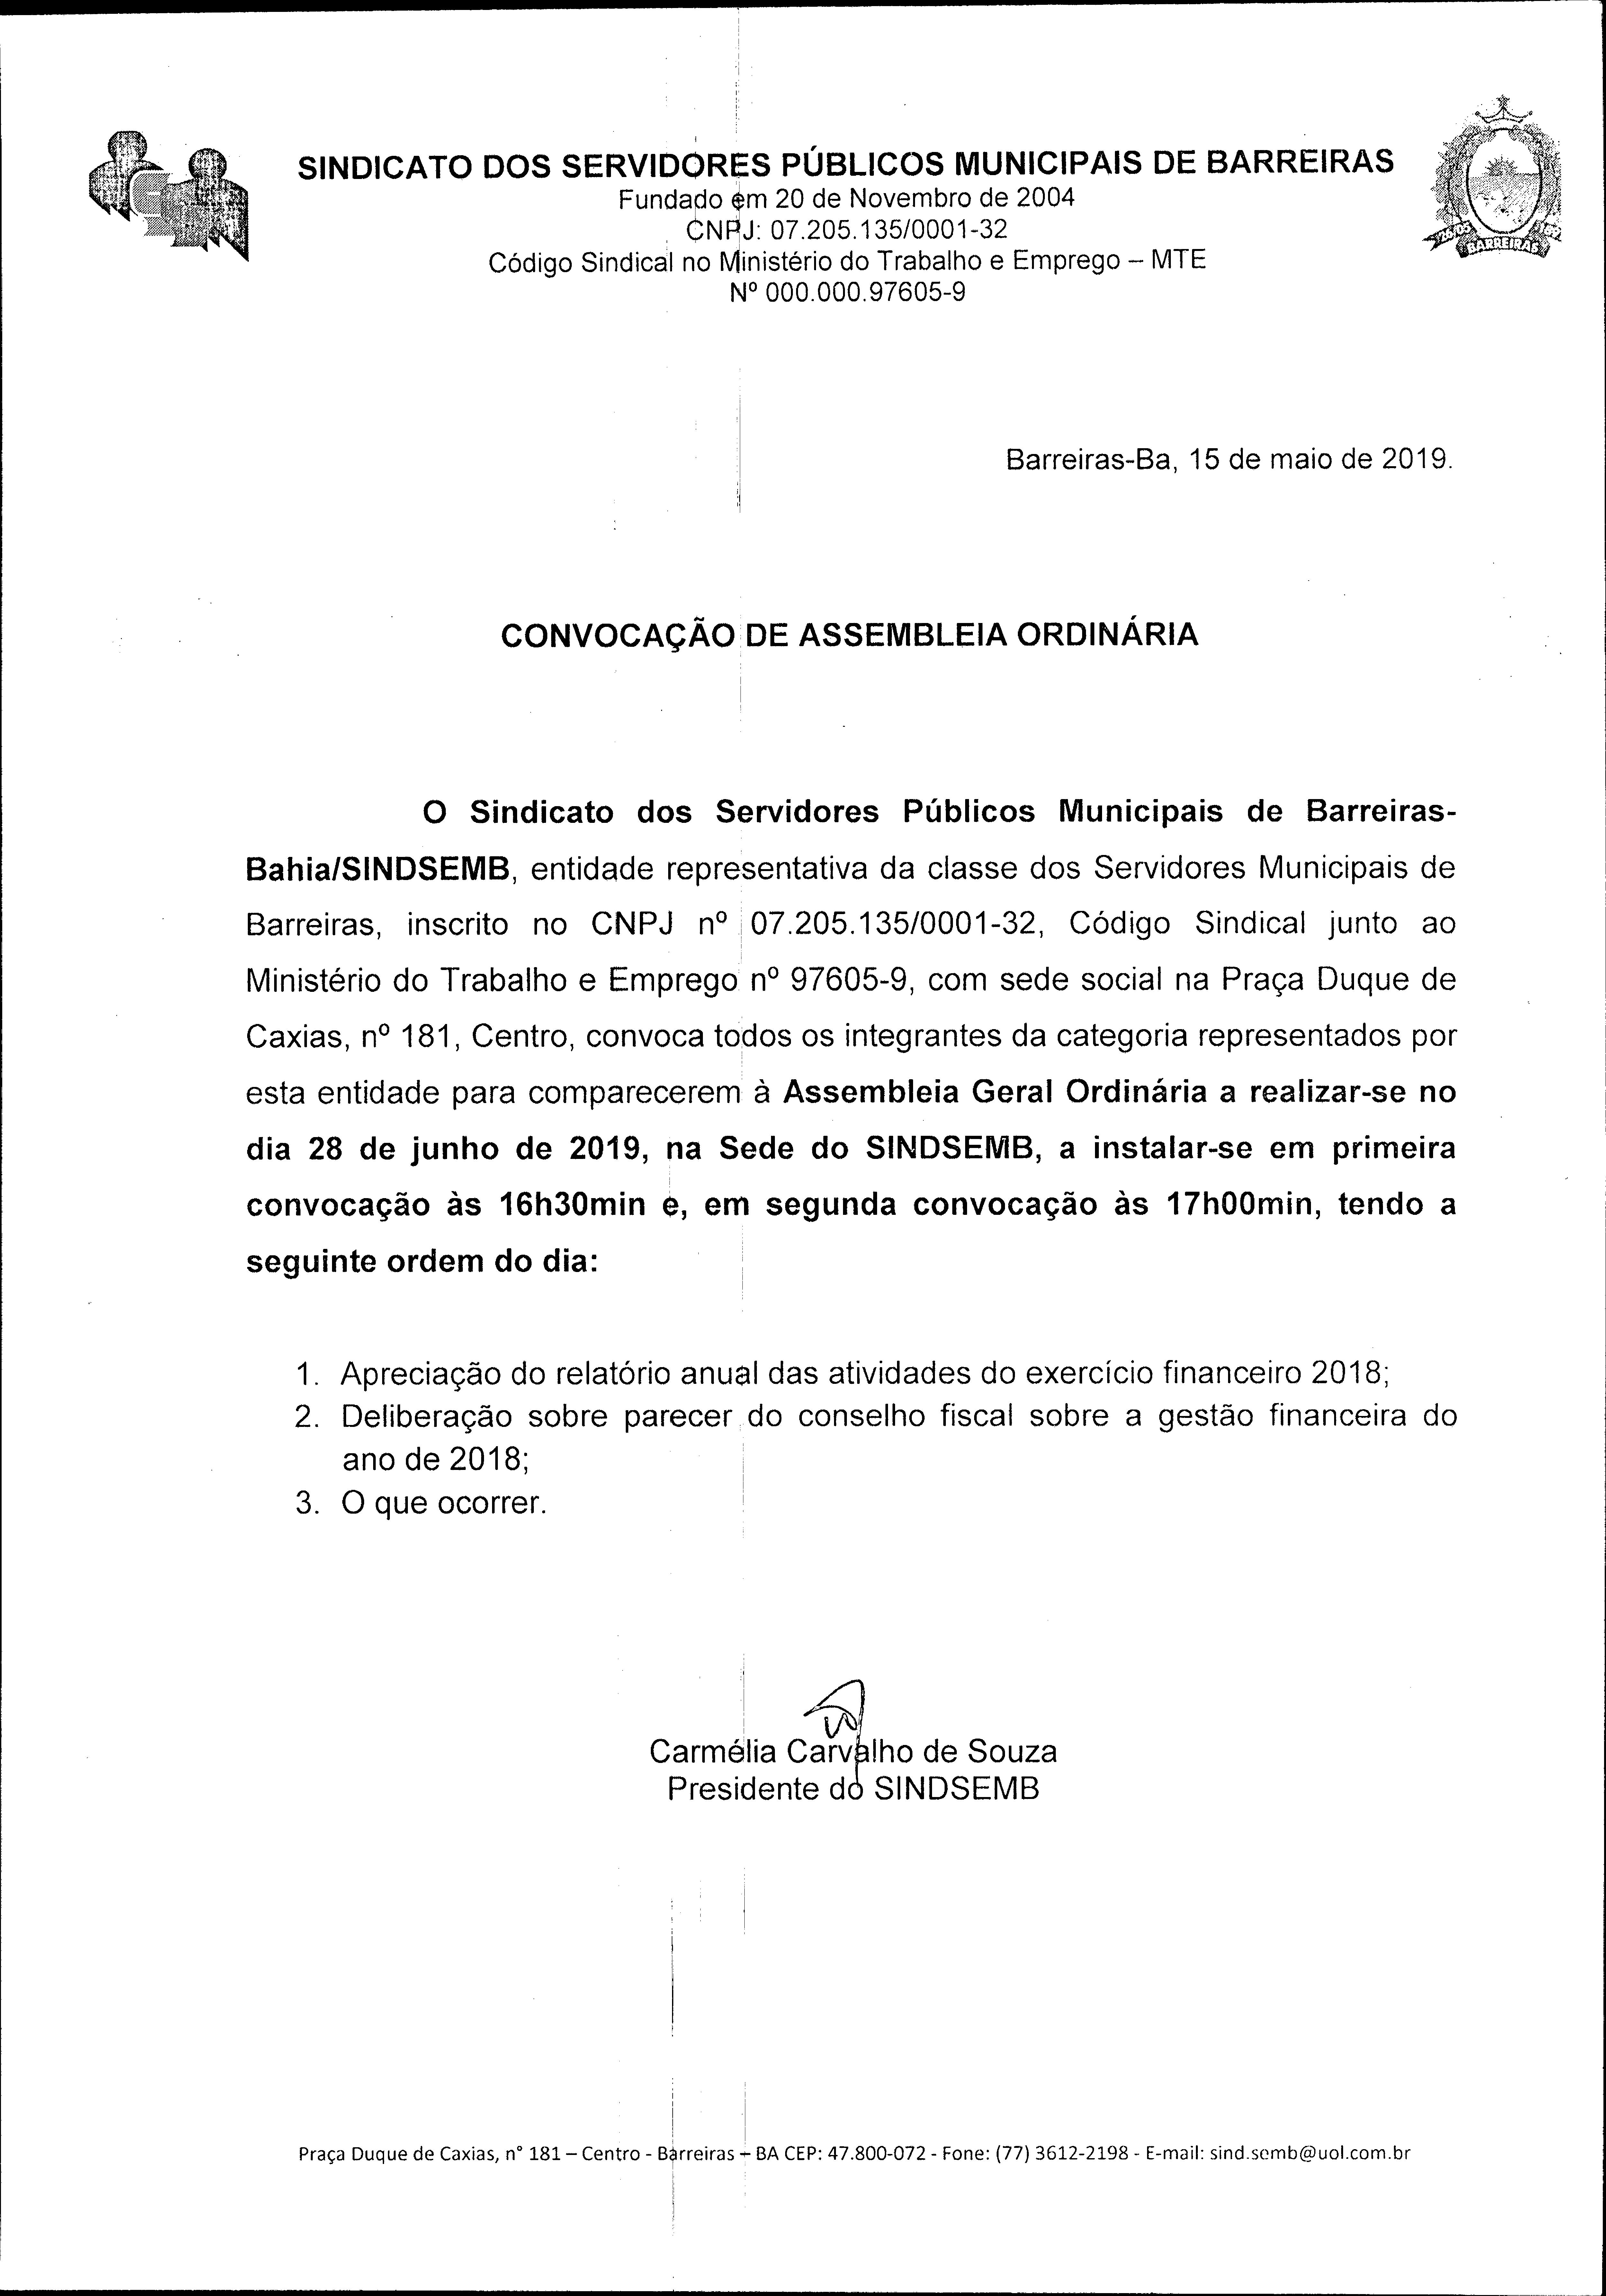 EDITAL DE CONVOCAÇÃO DE ASSEMBLEIA ORDINÁRIA